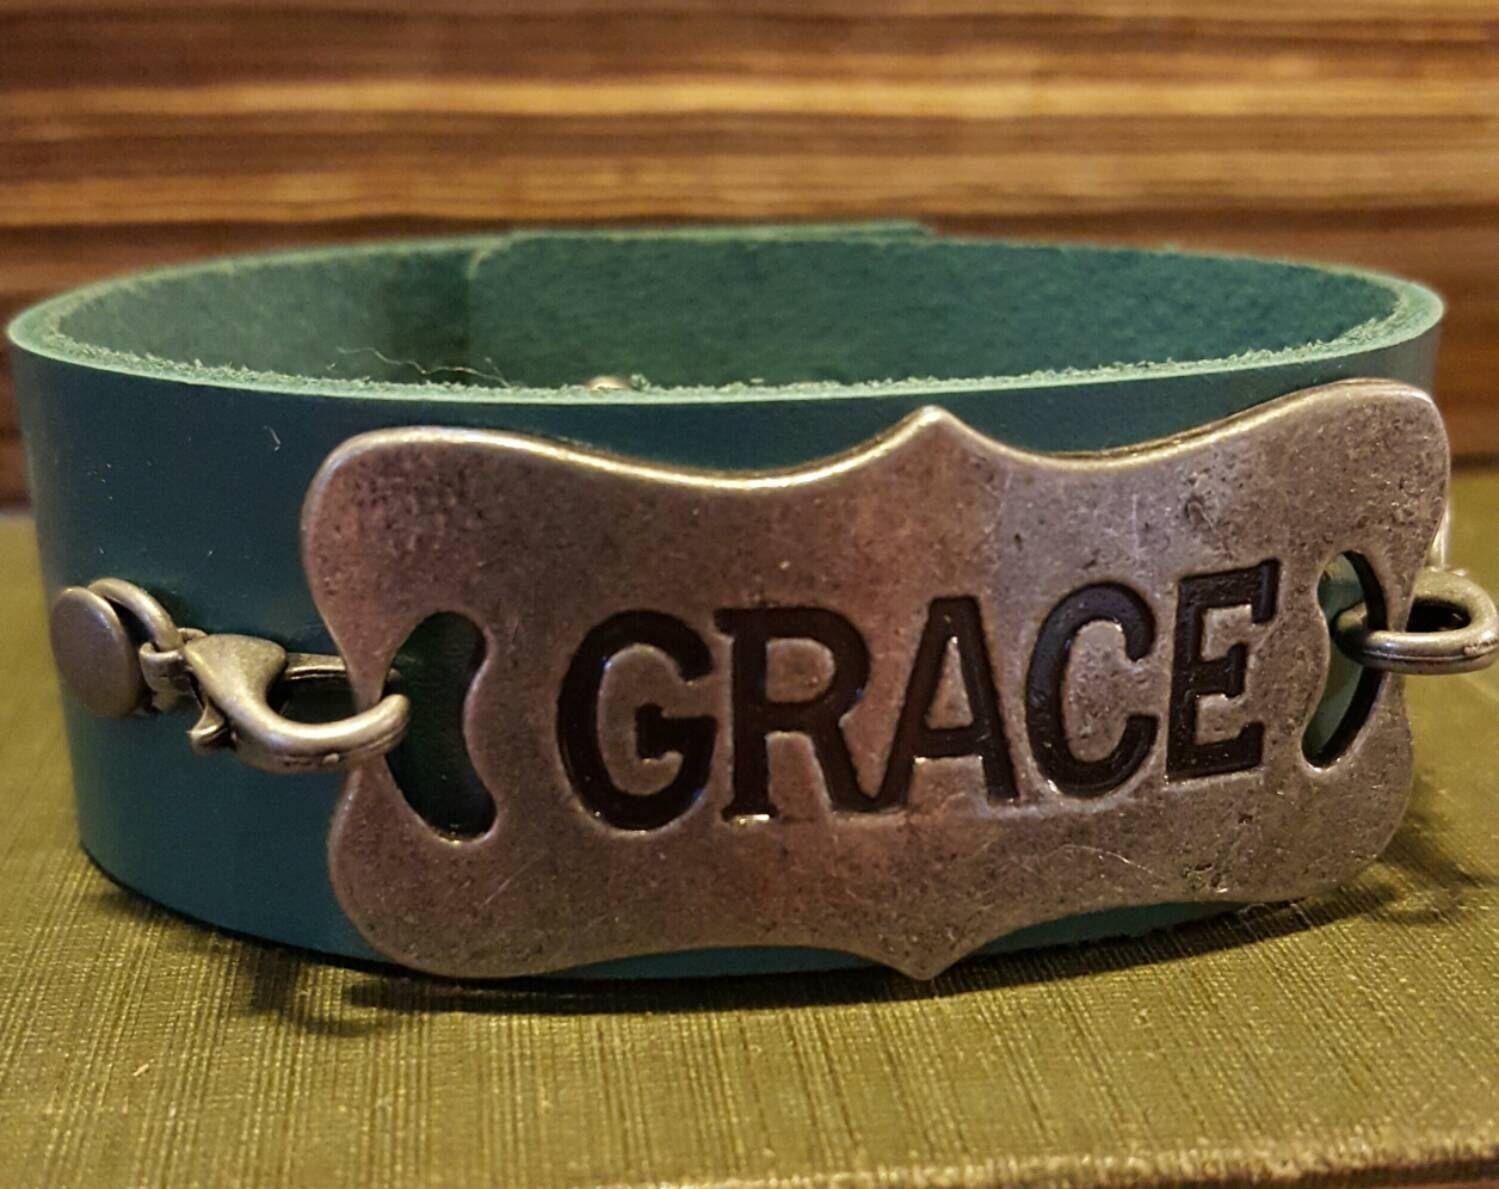 Turquoise Grace Cuff, Grace Cuff, Turquoise Cuff, Turquoise Bracelet by houseof5709 on Etsy https://www.etsy.com/listing/263732880/turquoise-grace-cuff-grace-cuff